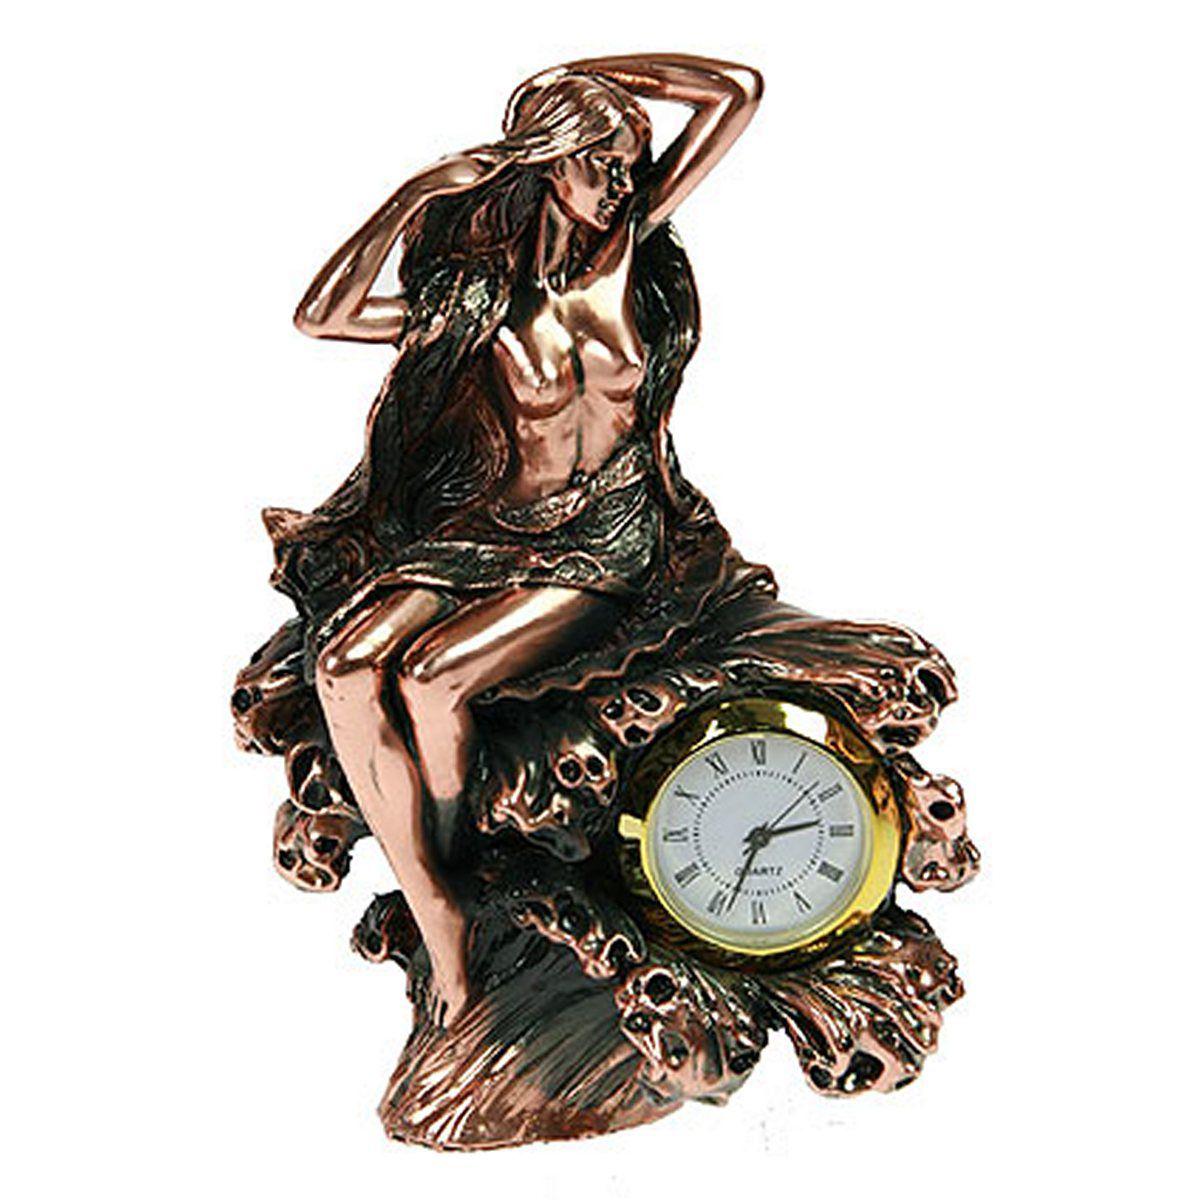 Часы настольные Русские Подарки Девушка. 12756694672Настольные кварцевые часы Русские Подарки Девушка изготовлены из полистоуна. Часы имеют три стрелки - часовую, минутную и секундную.Изящные часы красиво и оригинально оформят интерьер дома или рабочий стол в офисе. Также часы могут стать уникальным, полезным подарком для родственников, коллег, знакомых и близких.Часы работают от батареек типа АА (в комплект не входят).